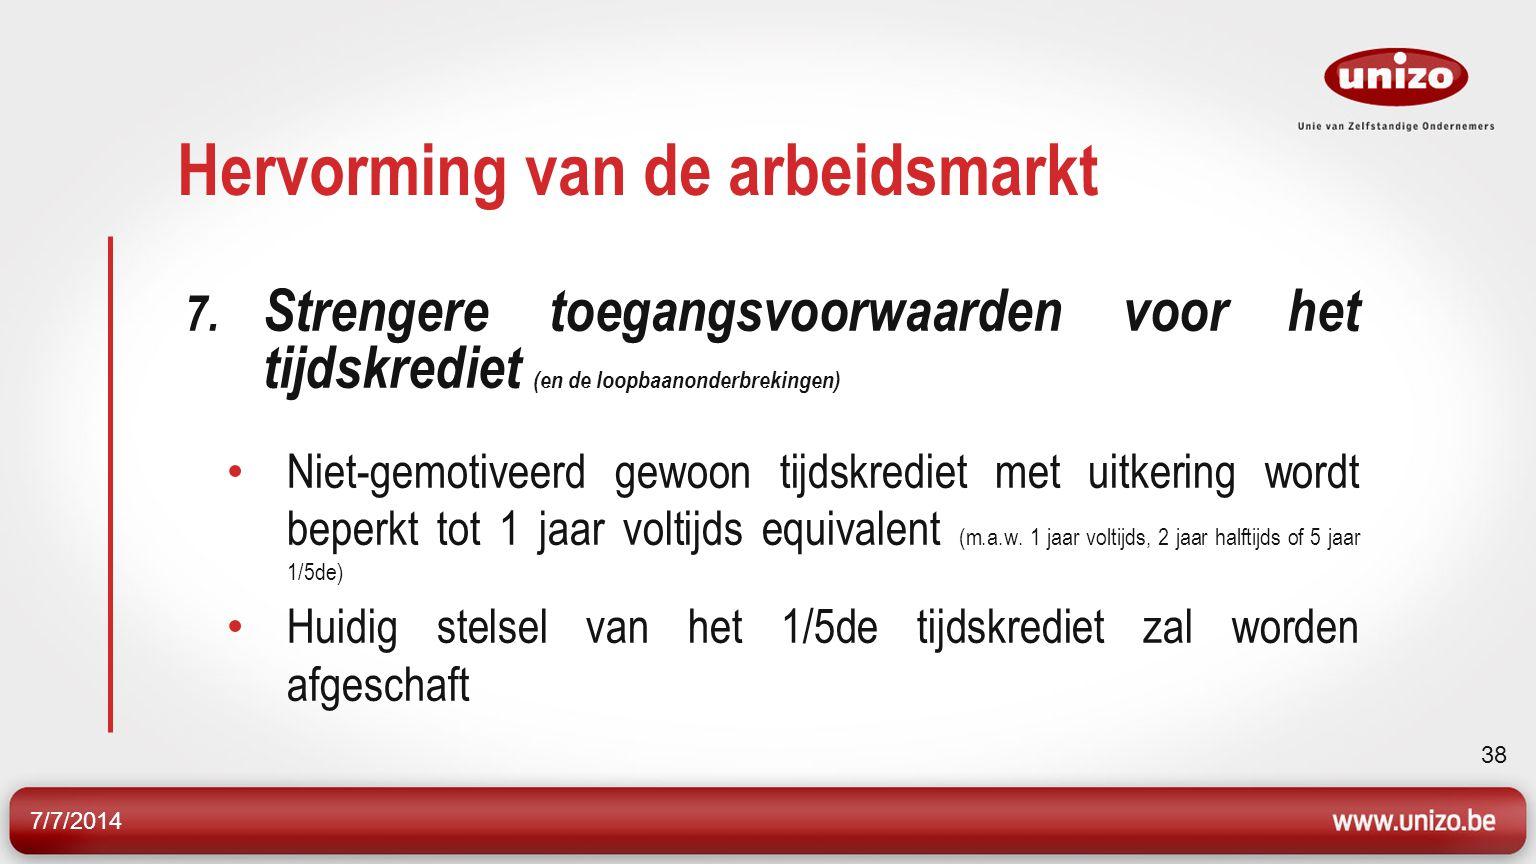 7/7/2014 38 Hervorming van de arbeidsmarkt 7.